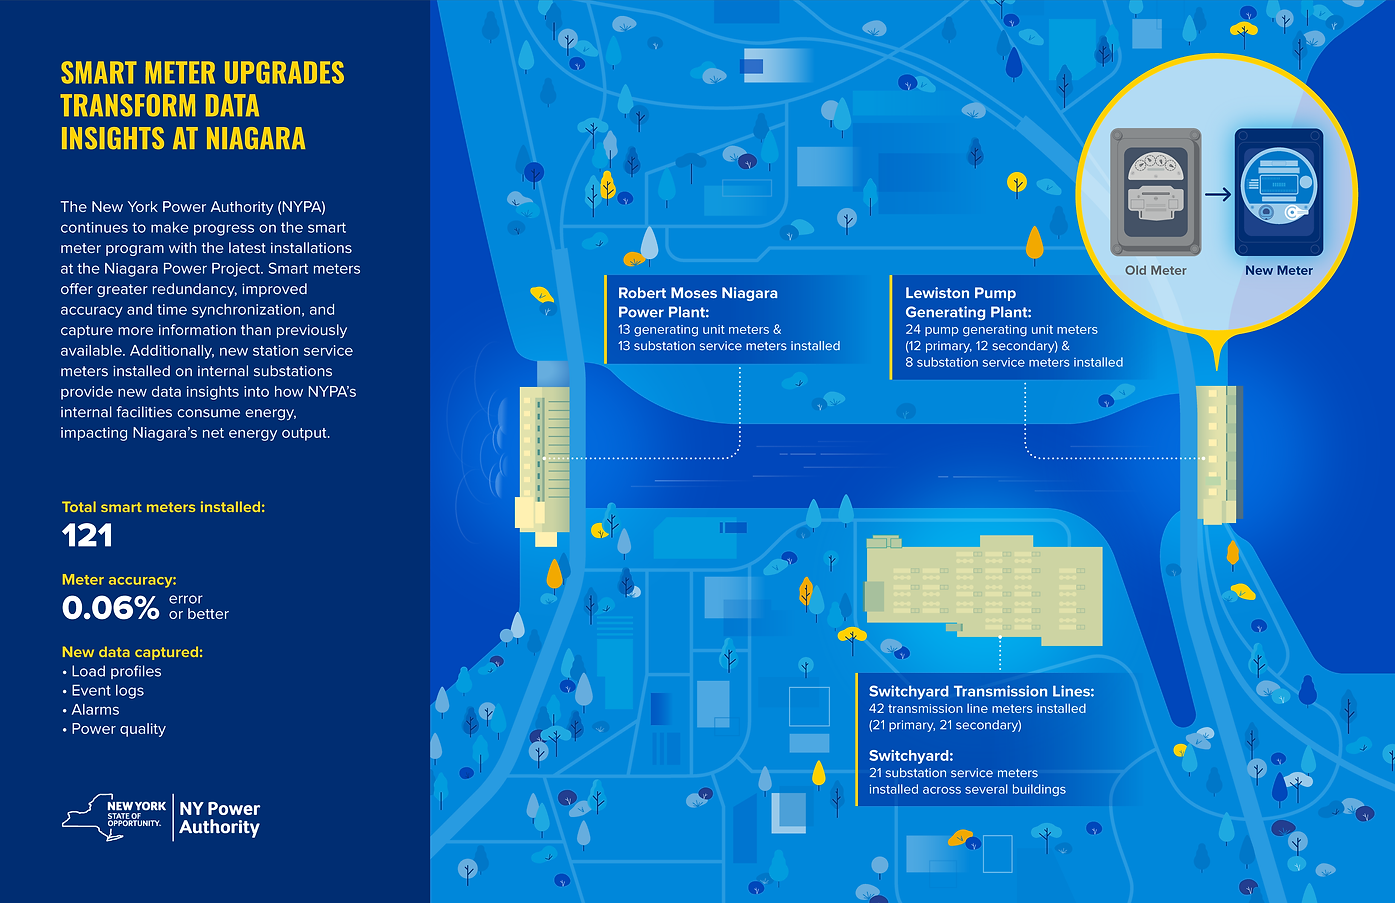 NYPA Smart Meters Upgrades Niagara_v02.p